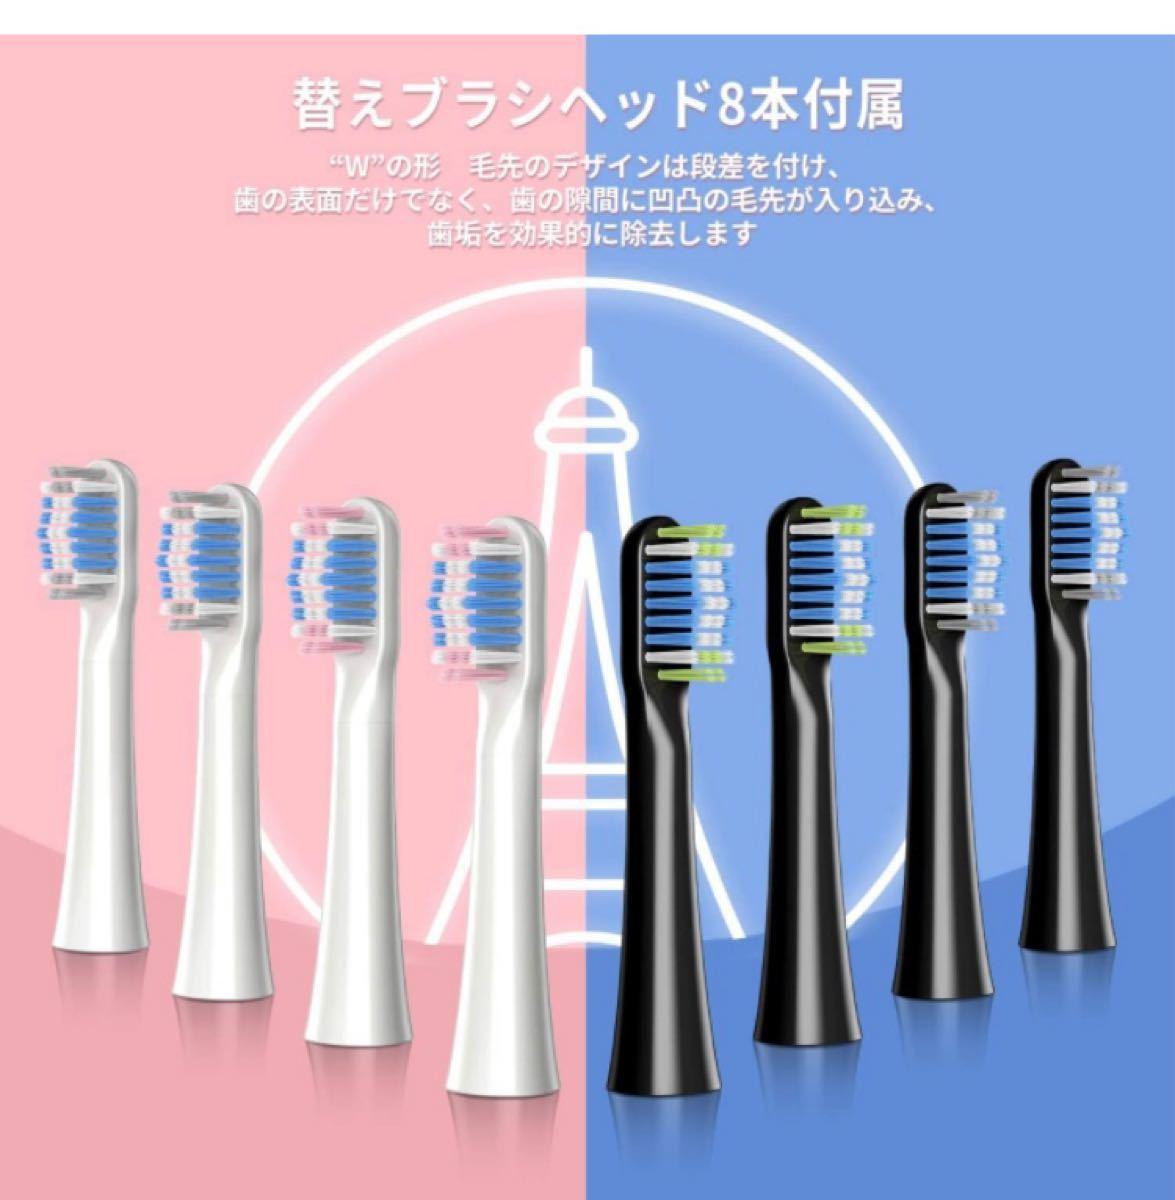 電動歯ブラシ 2本 音波歯ブラシ 替えブラシ8本 2分間オートタイマー機能